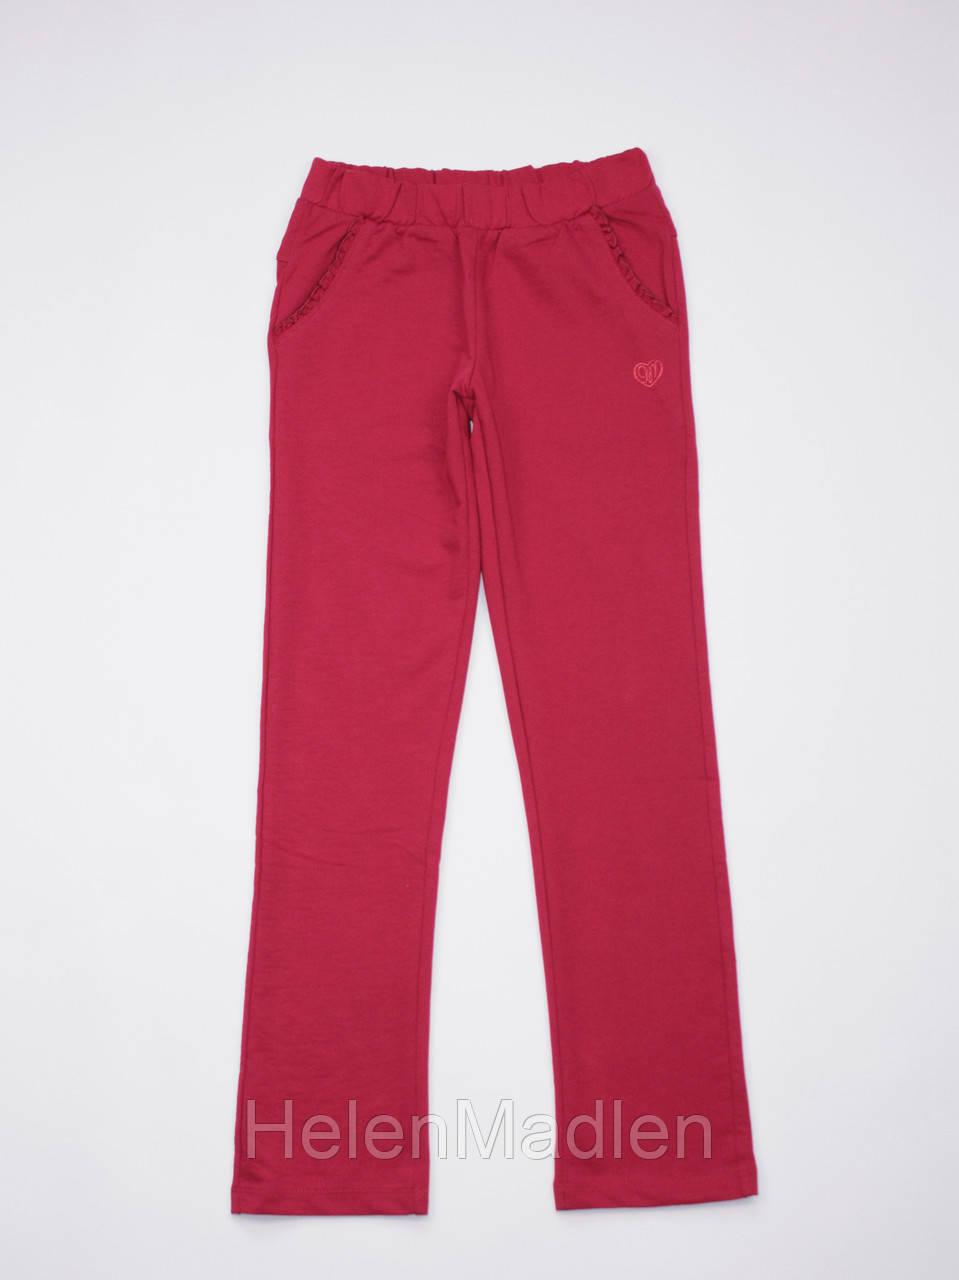 1bede755 Спортивные штаны для девочки Original Marines 10 лет (140 см) - HelenMadlen  в Киеве